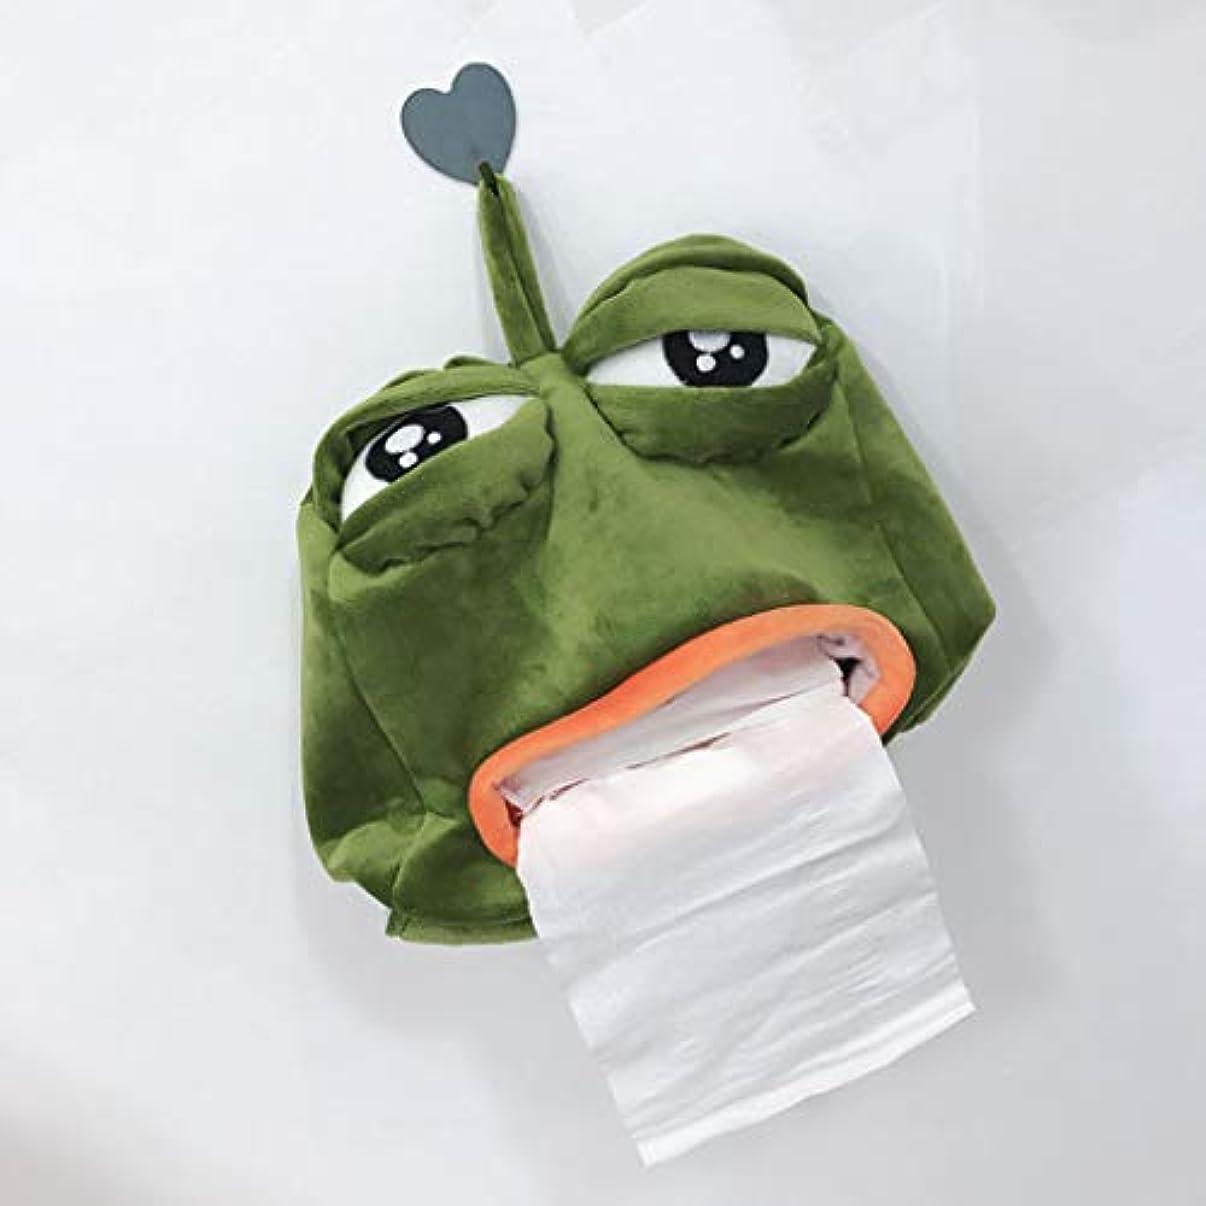 厚さスマッシュ市の花SMMRB かわいい漫画のティッシュボックス悲しいカエルのカエルのトレイの部屋の装飾の収納ボックス、20.5cm * 21cm